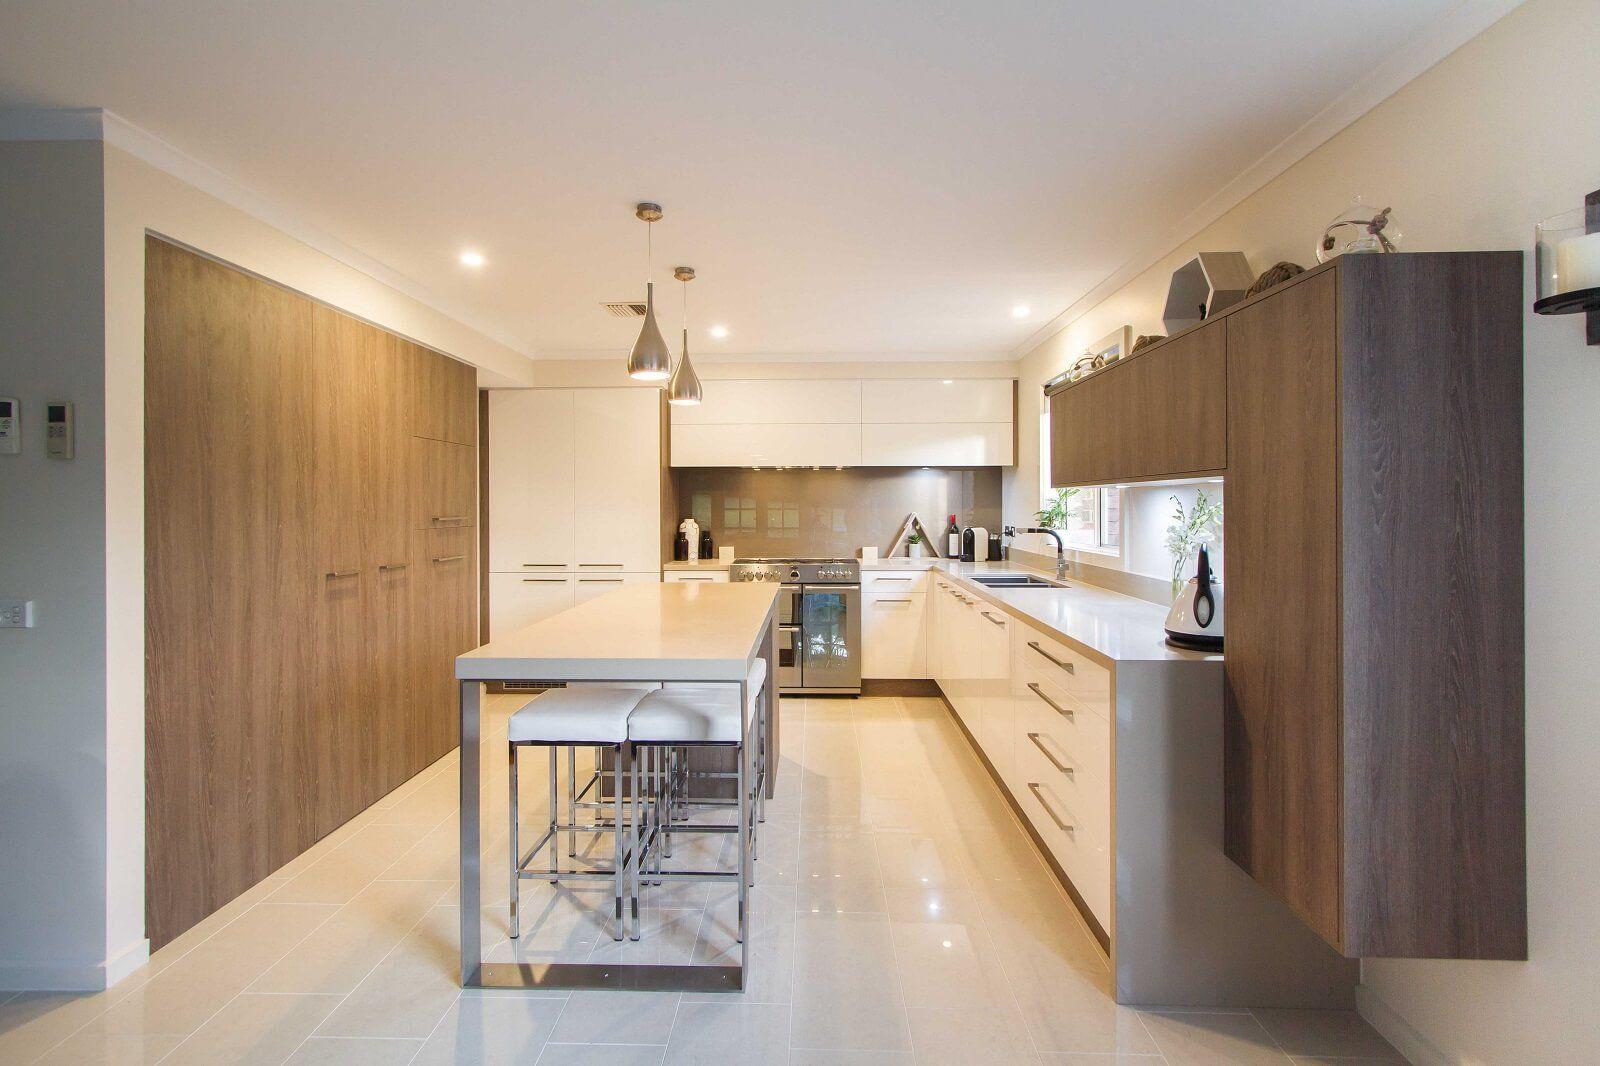 Kitchen Categories | Kitchen design centre, Kitchen concepts, Modern kitchen  design